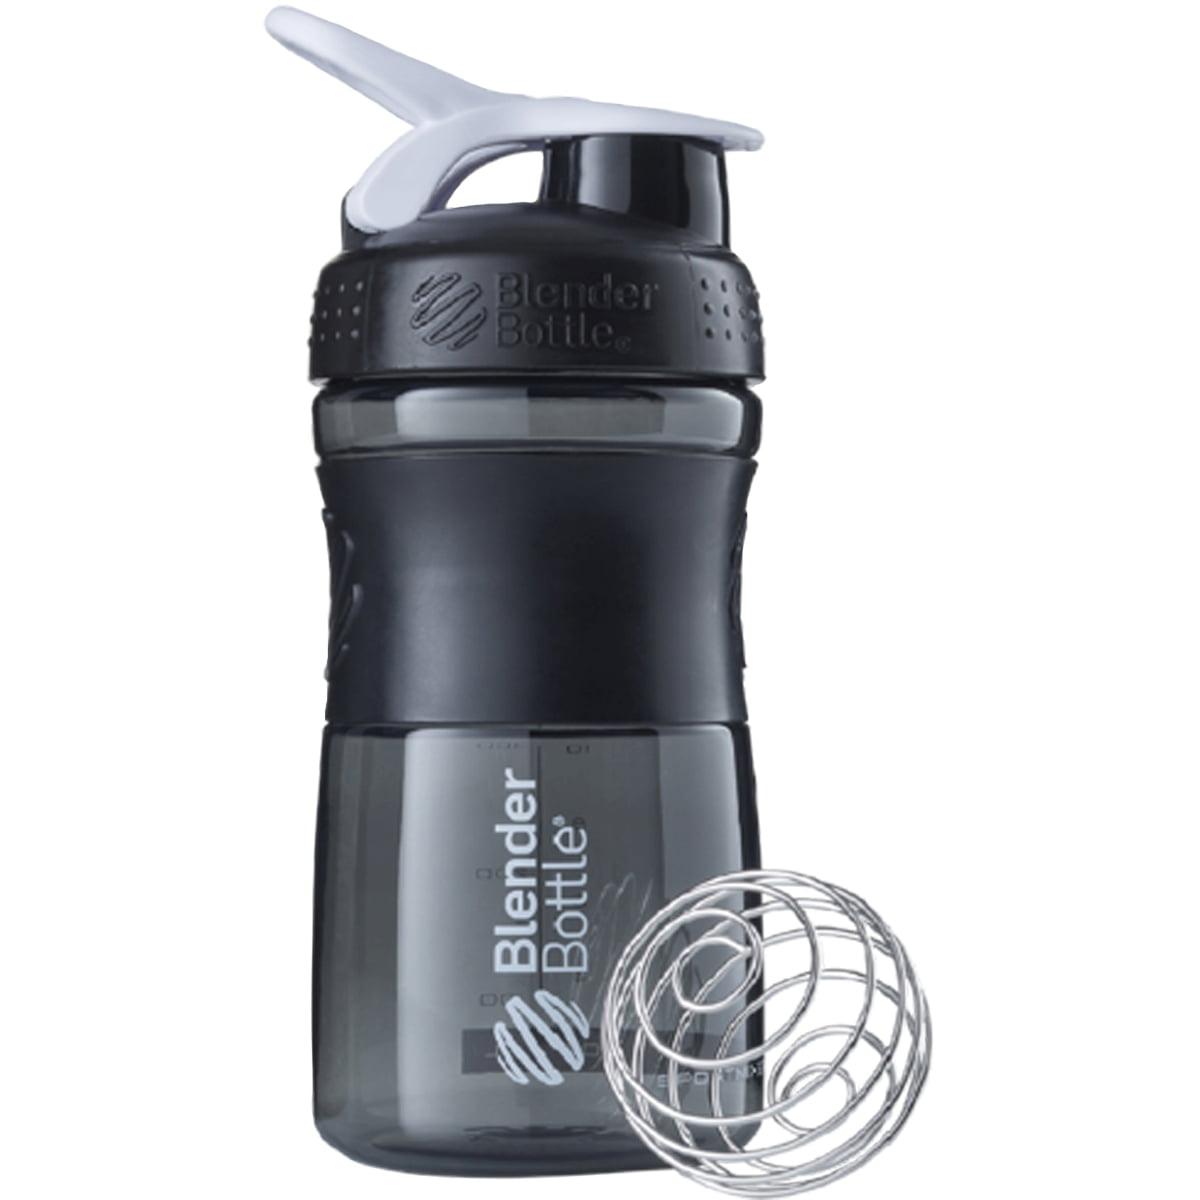 Blender Bottle SportMixer 20 oz. Tritan Grip Shaker - Walmart.com